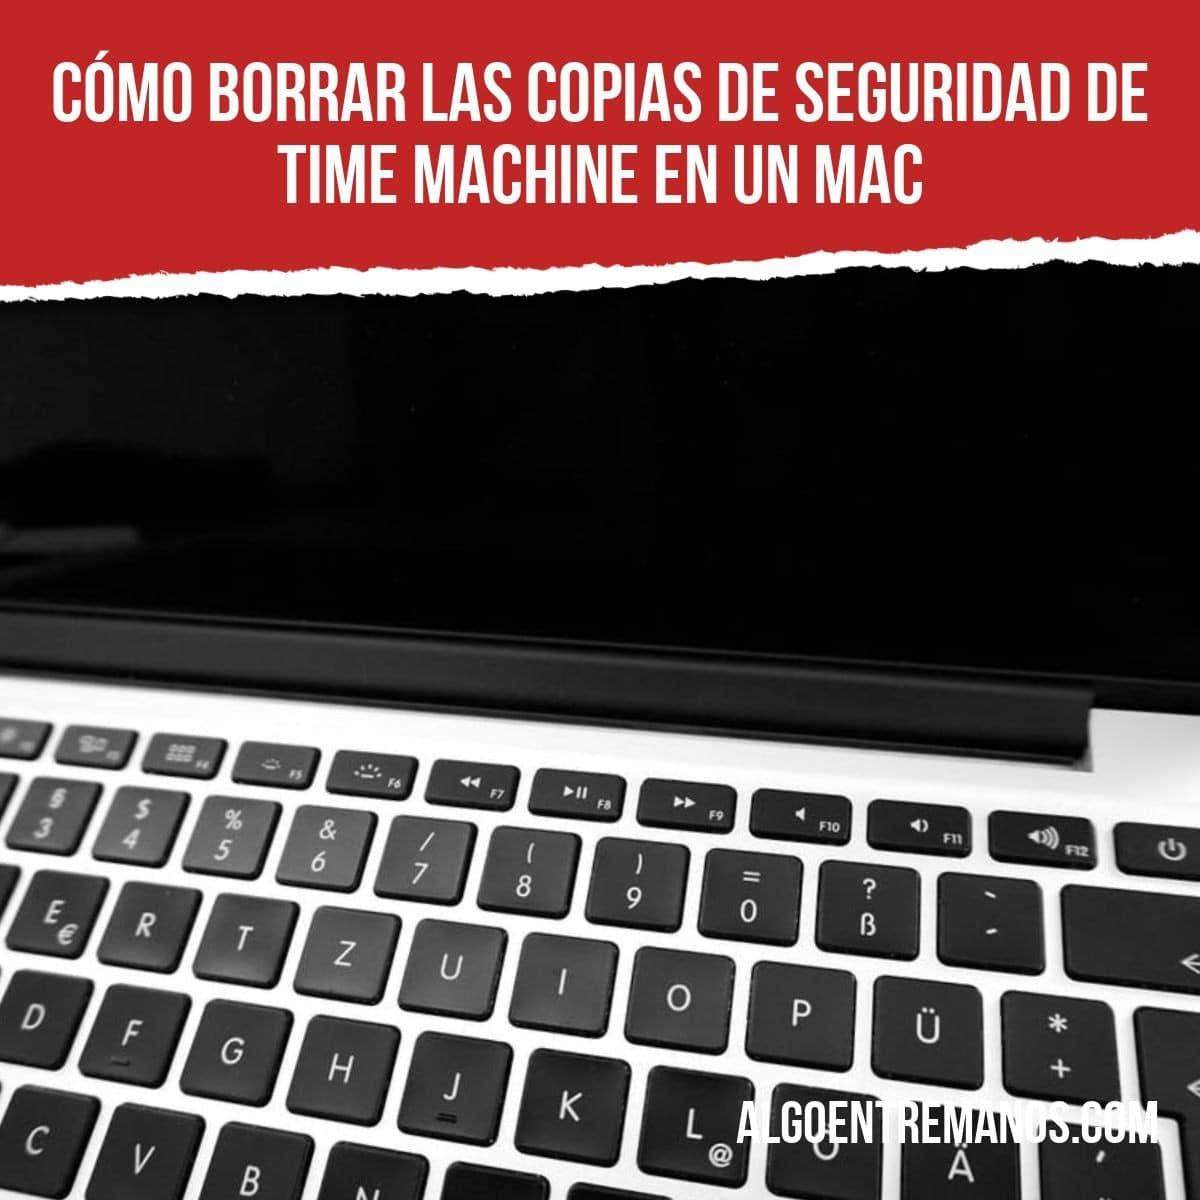 Cómo borrar las copias de seguridad de Time Machine en un Mac